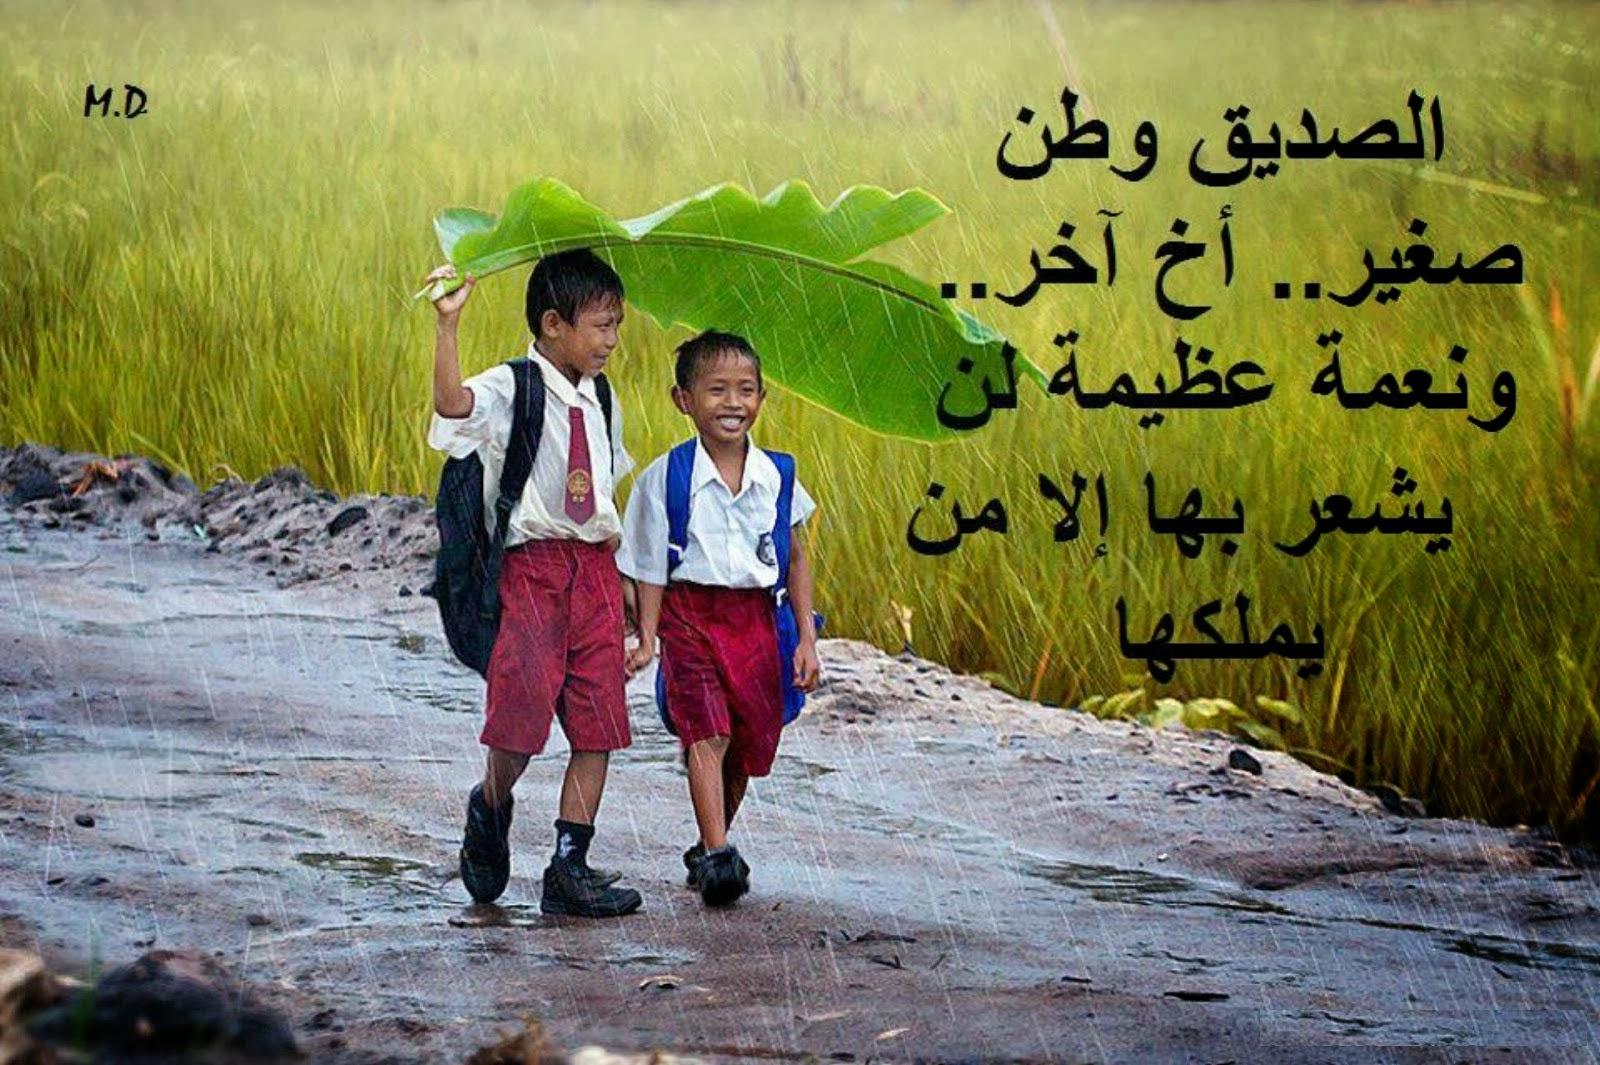 صور صور معبرة عن الصداقة , الصديق الوافي لايمكن تعويضه